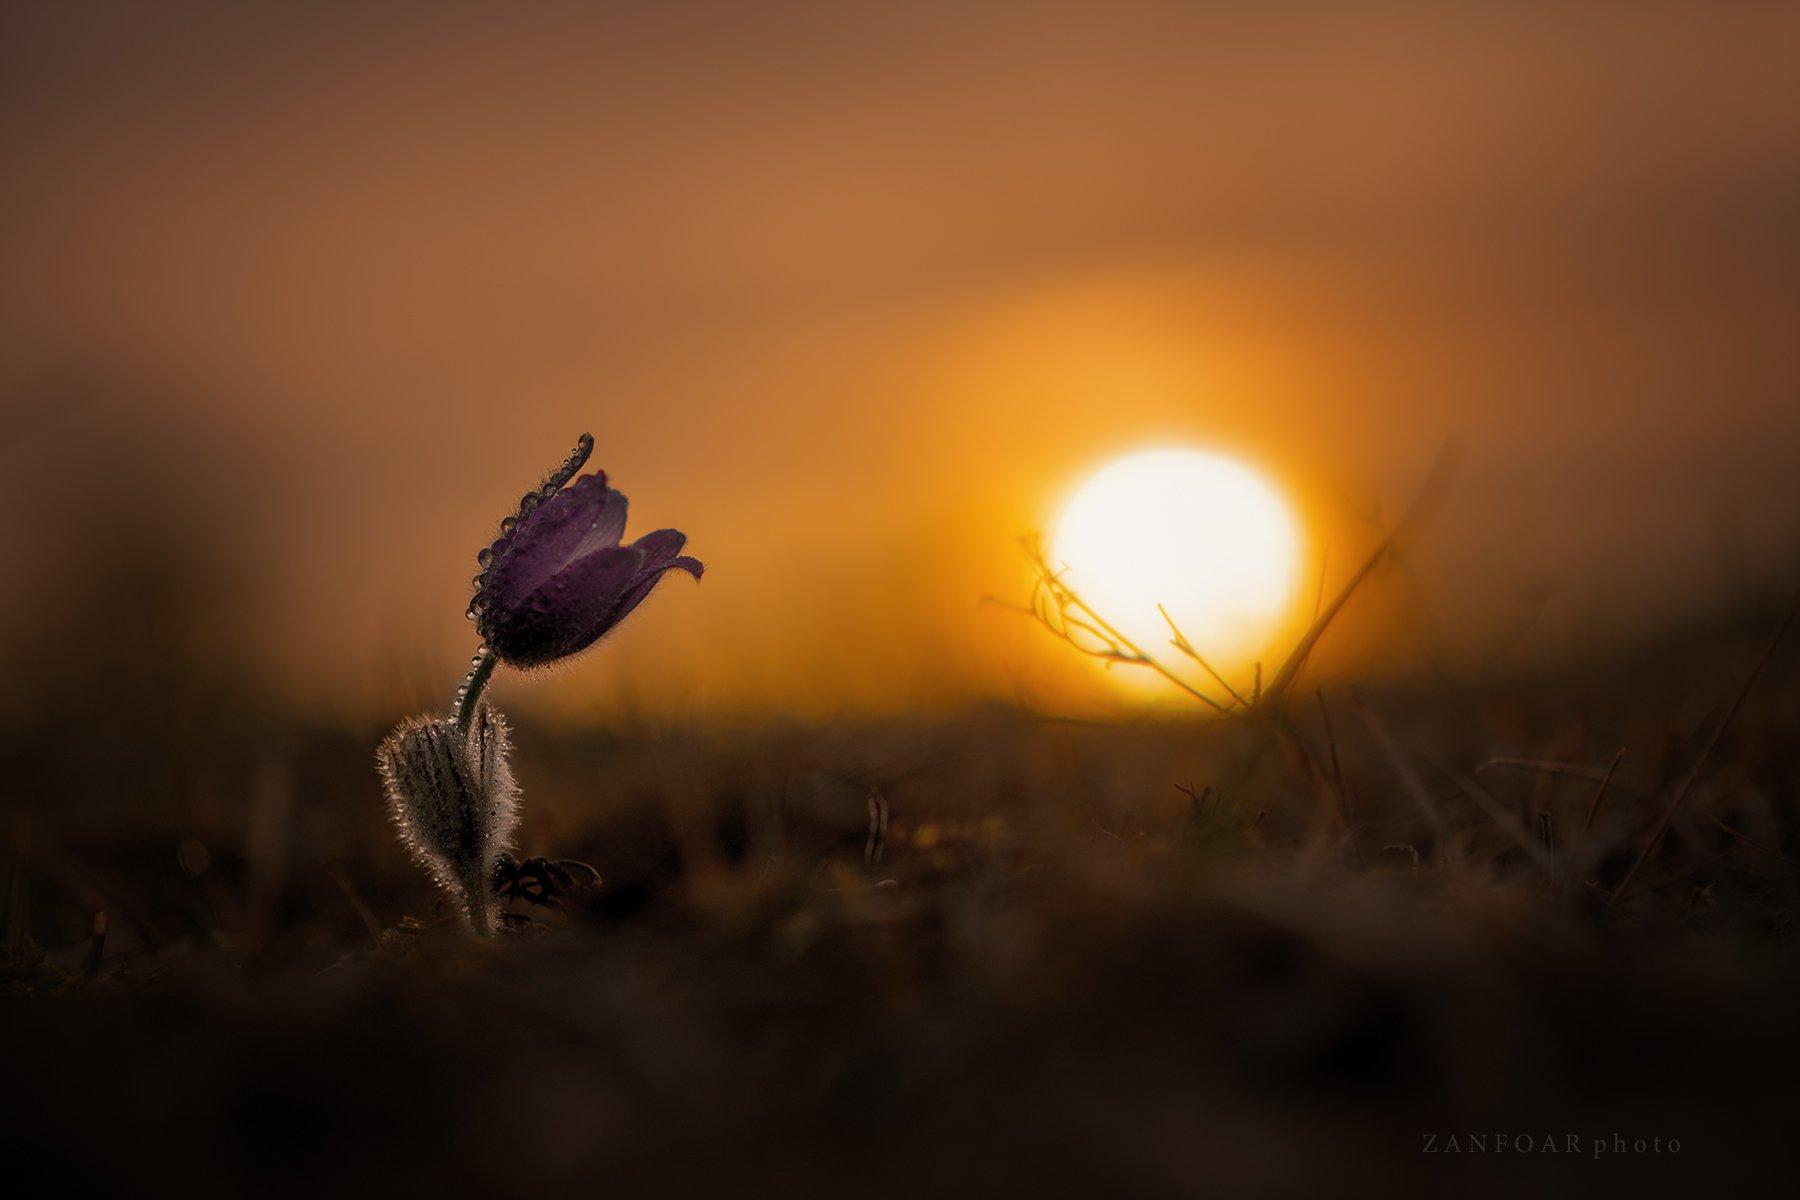 pulsatilla grandis,бархатный цветок,закат, пейзаж, природа, цветок, zanfoar, макро, чешская республика,czech republic, Zanfoar